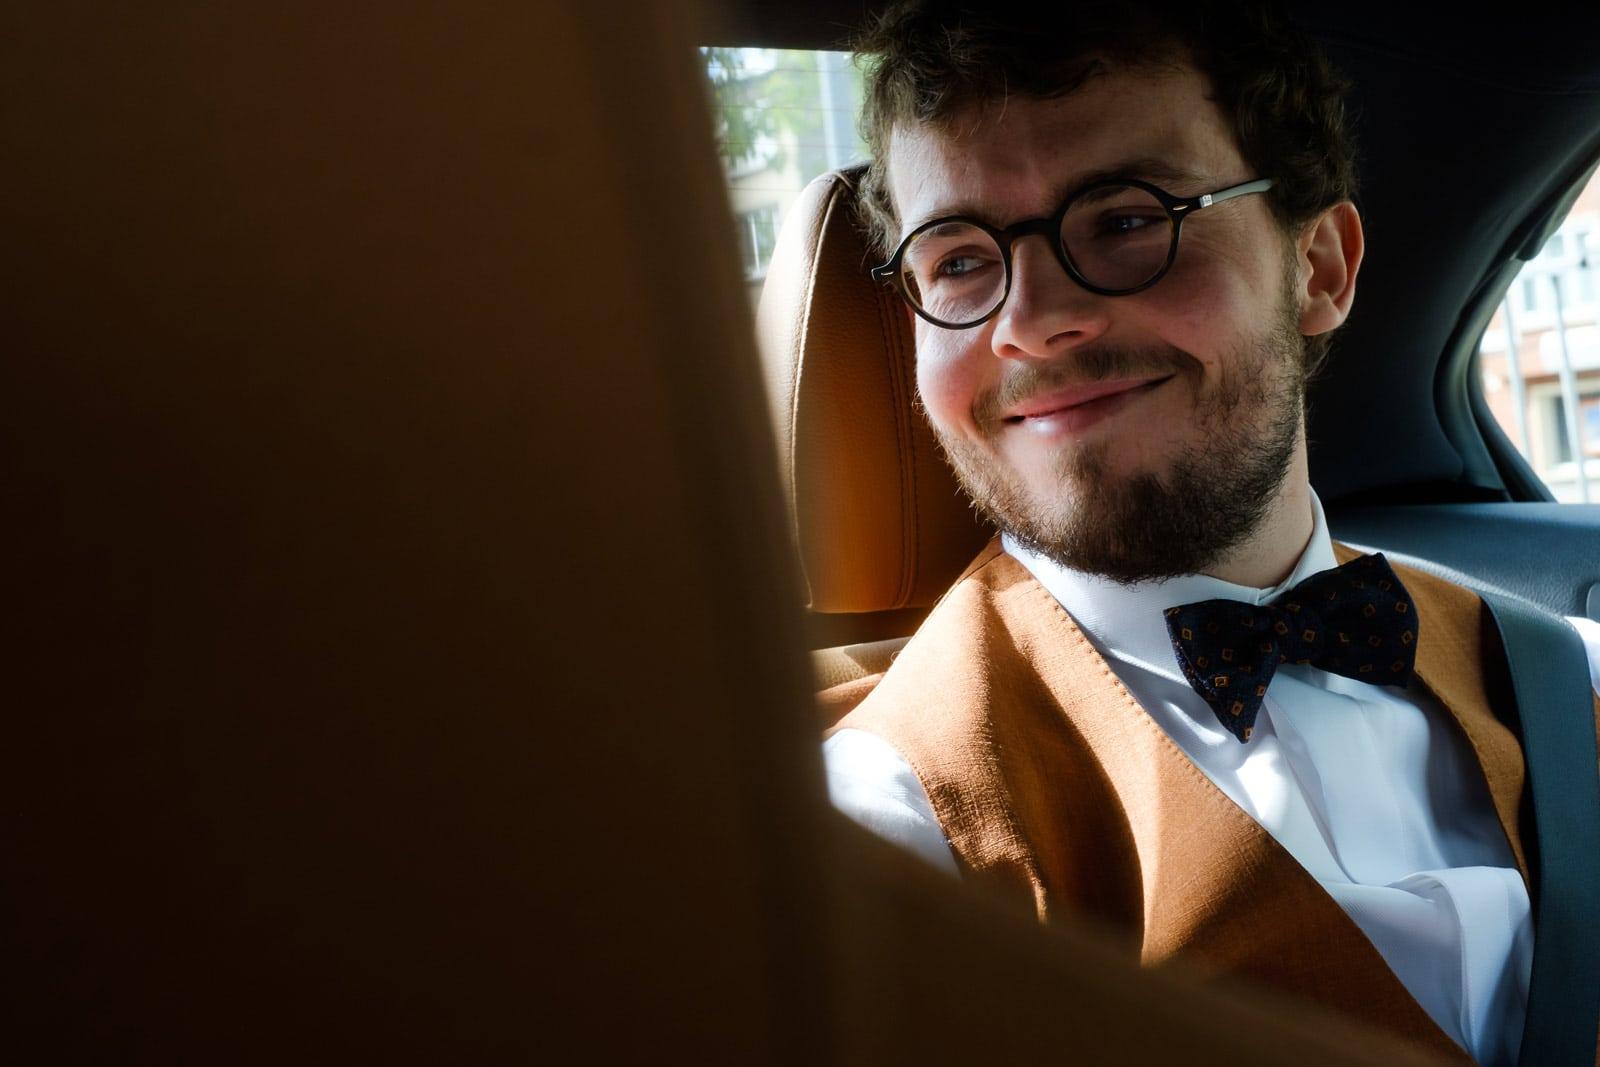 Bruidegom kijkt met verliefde blik naar bruid in de auto.